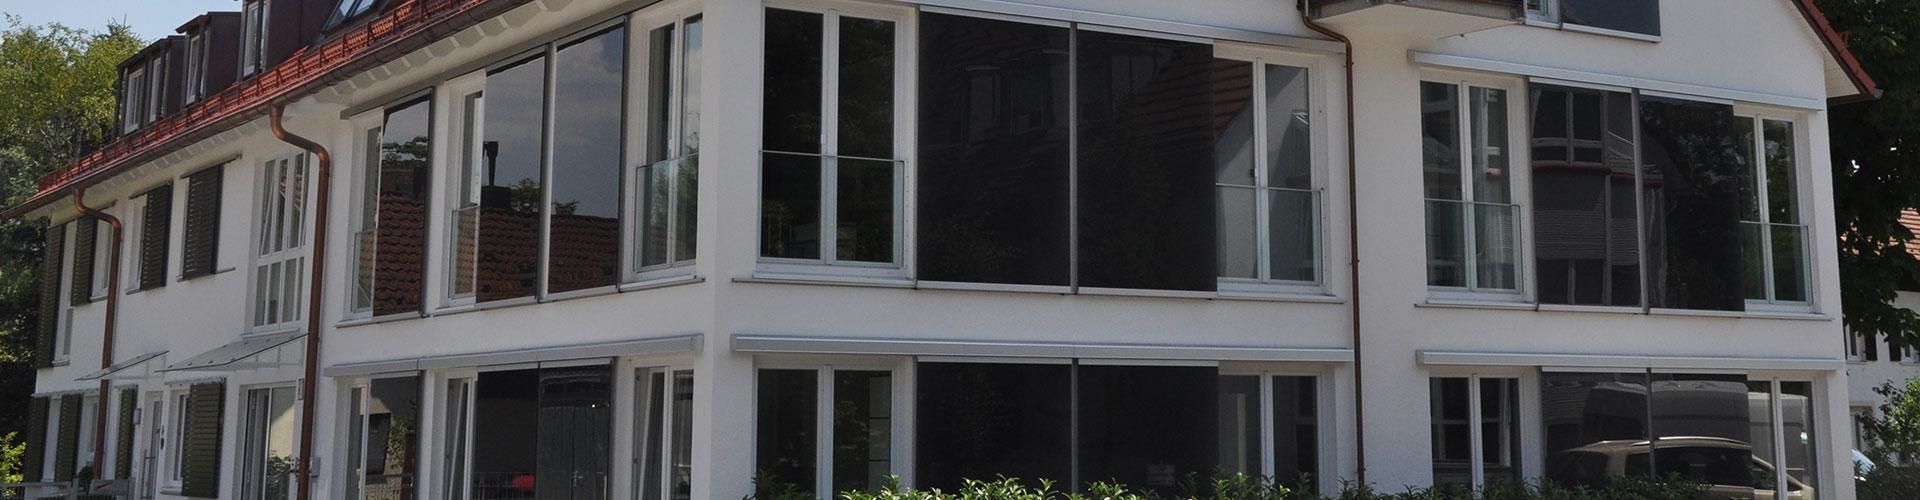 Glas-Schiebeläden-rahmenlos-Schiebeladenantrieb